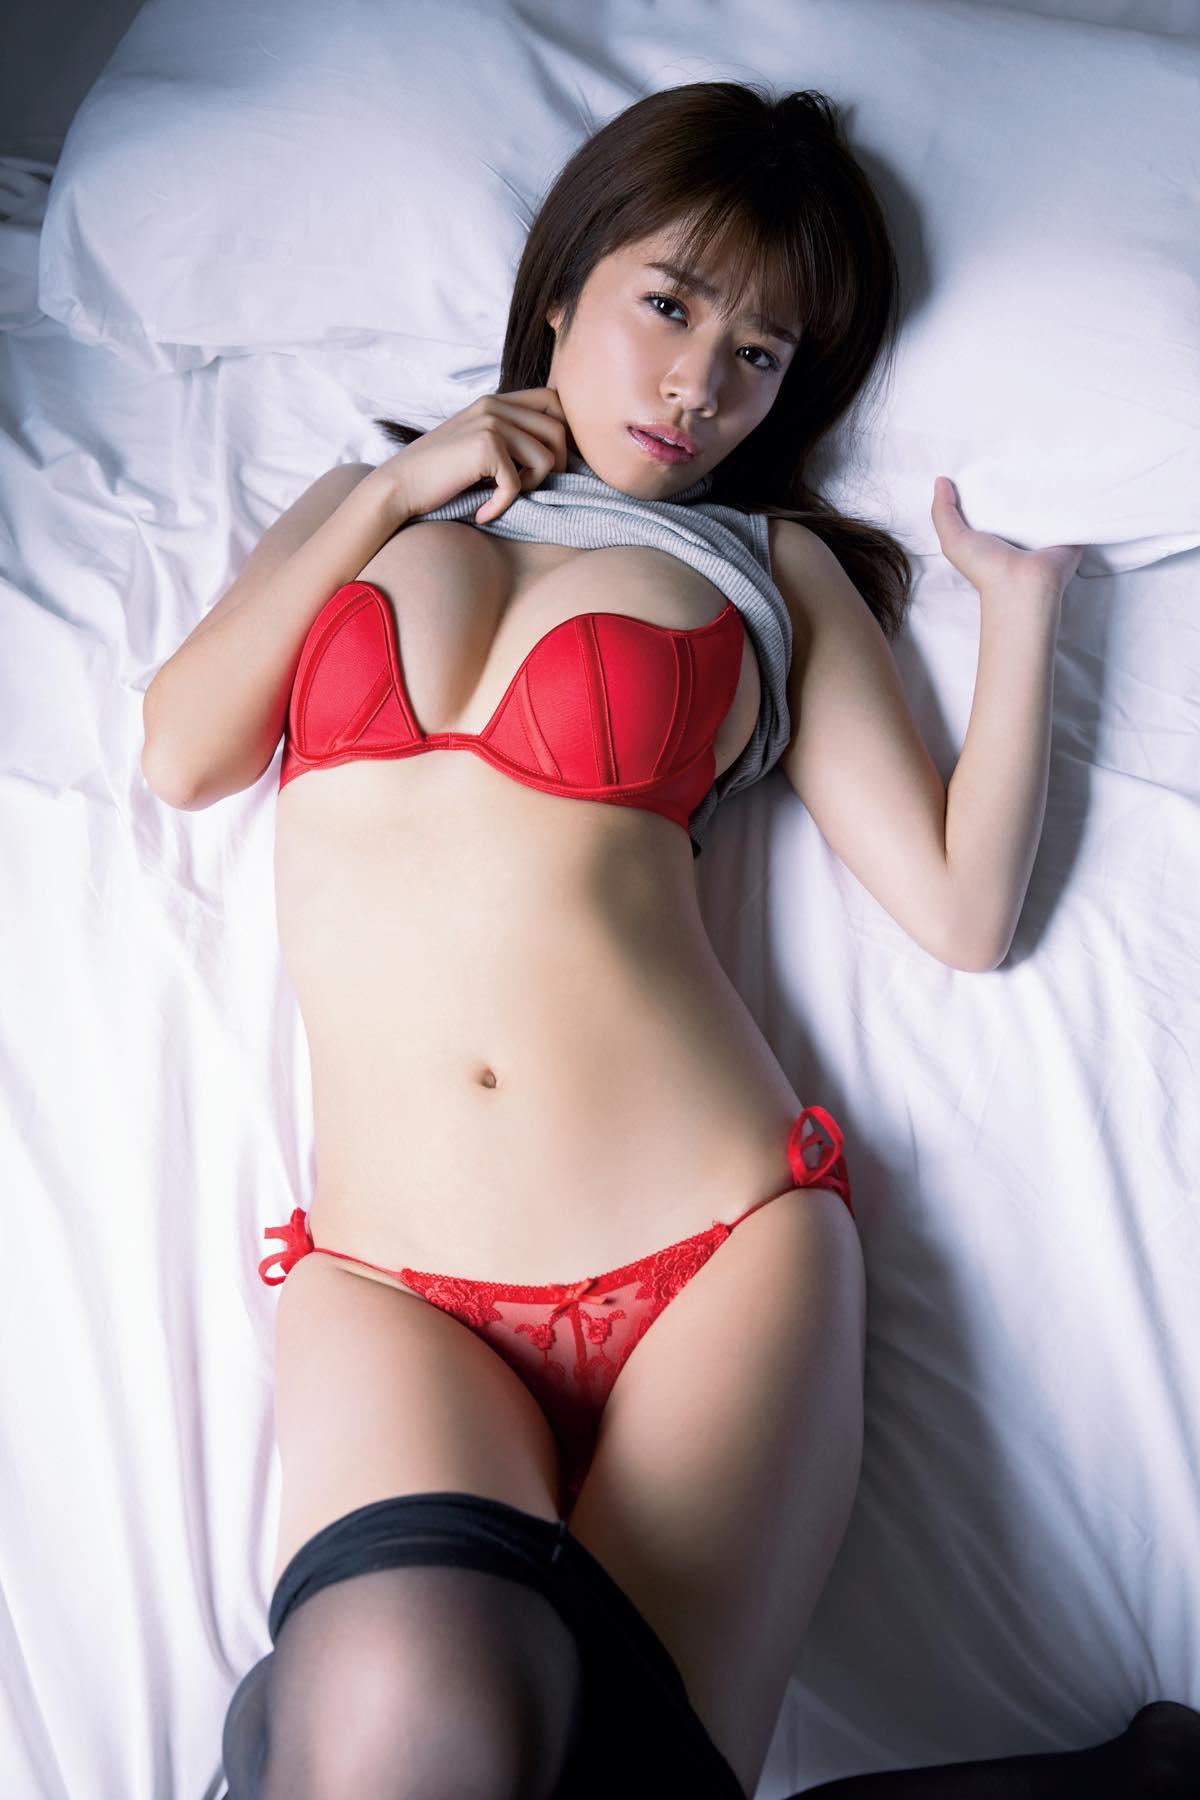 菜乃花「最後のイメージDVD」男を虜にする美体を目に焼きつけろ!【写真11枚】の画像008